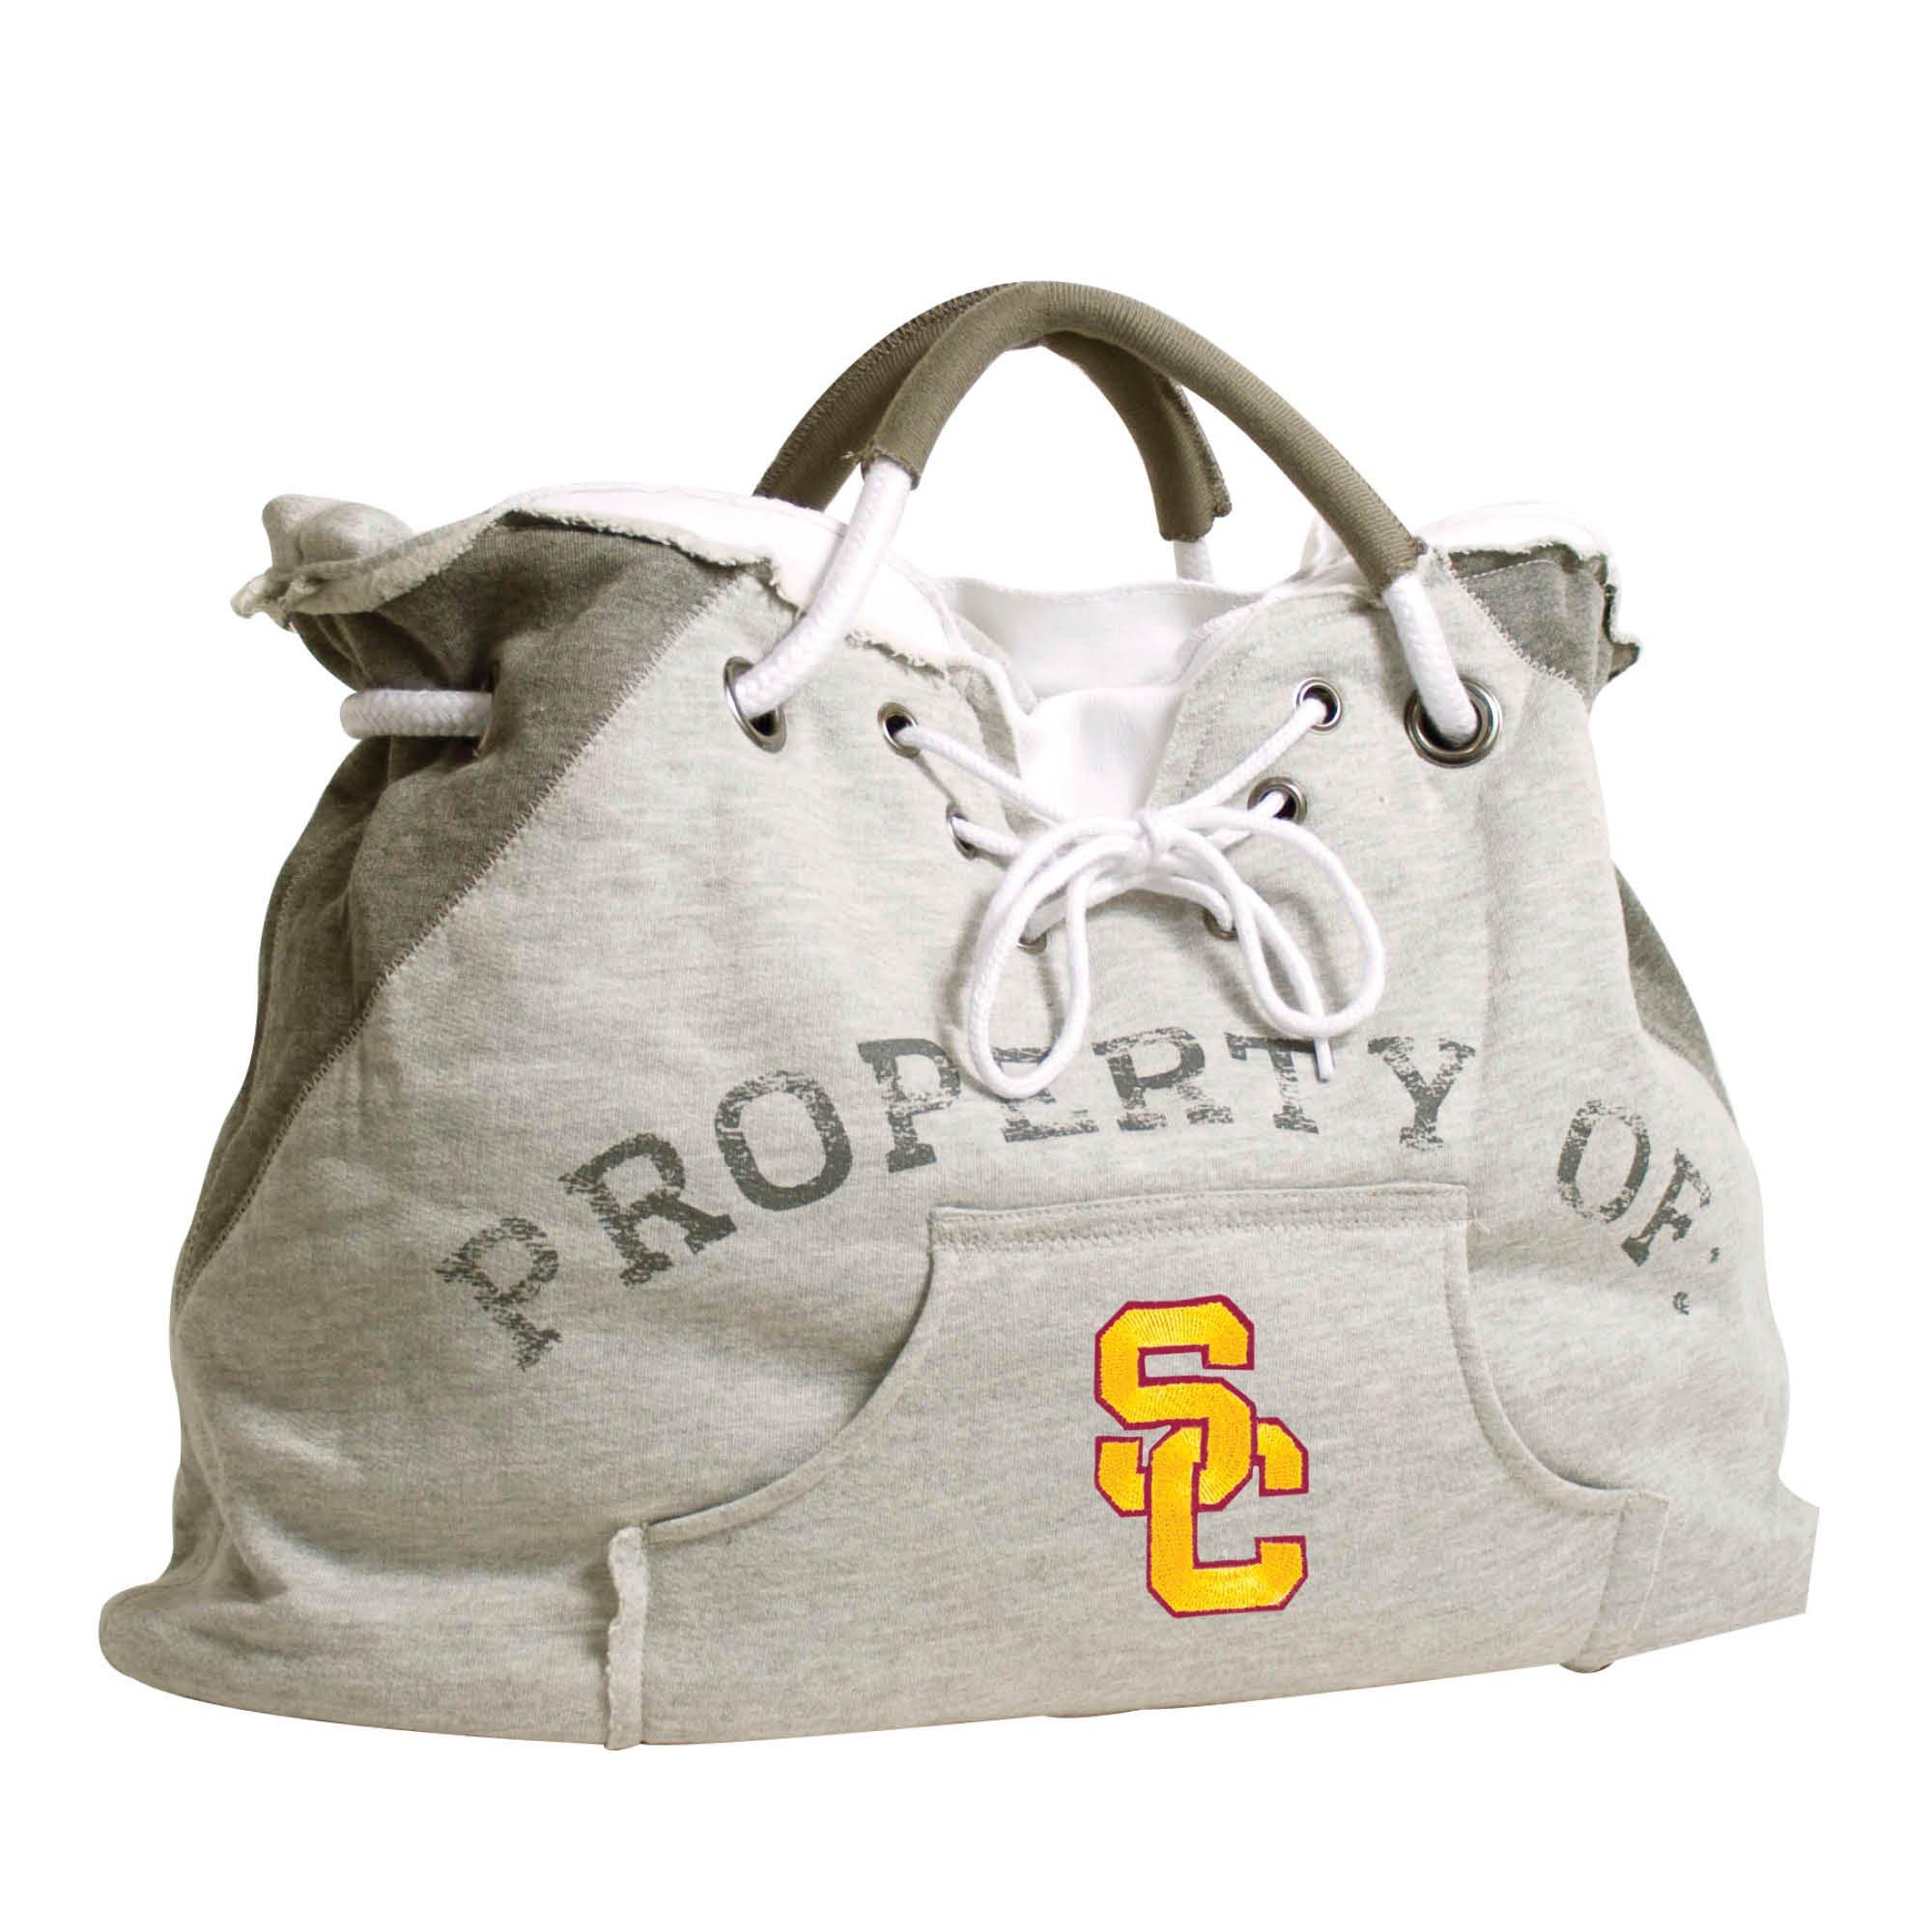 Littlearth NCAA USC Trjoans Hoodie Tote Bag